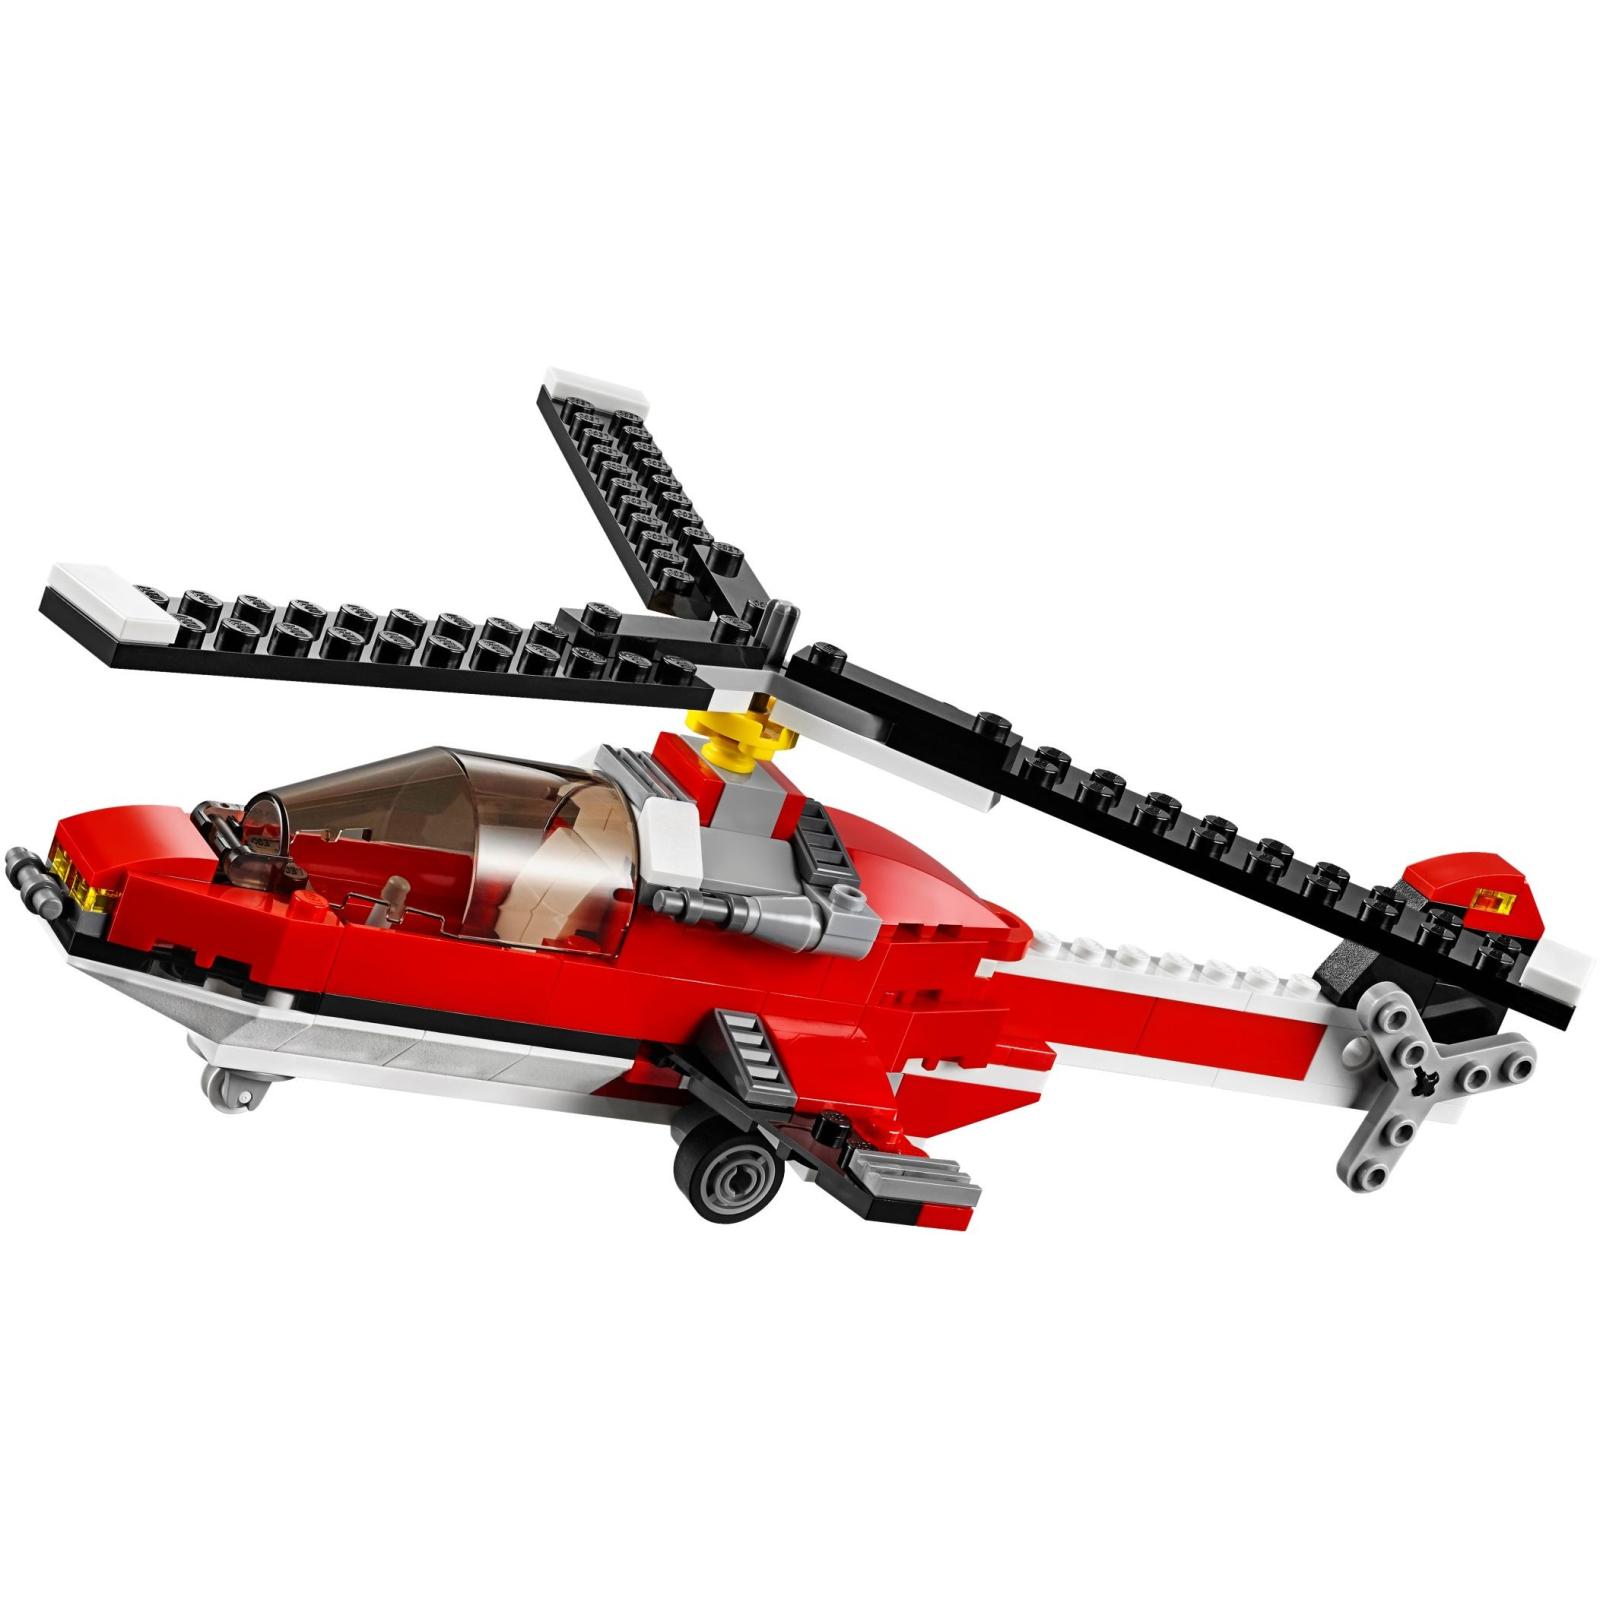 Конструктор LEGO Creator Путешествие по воздуху (31047) изображение 5